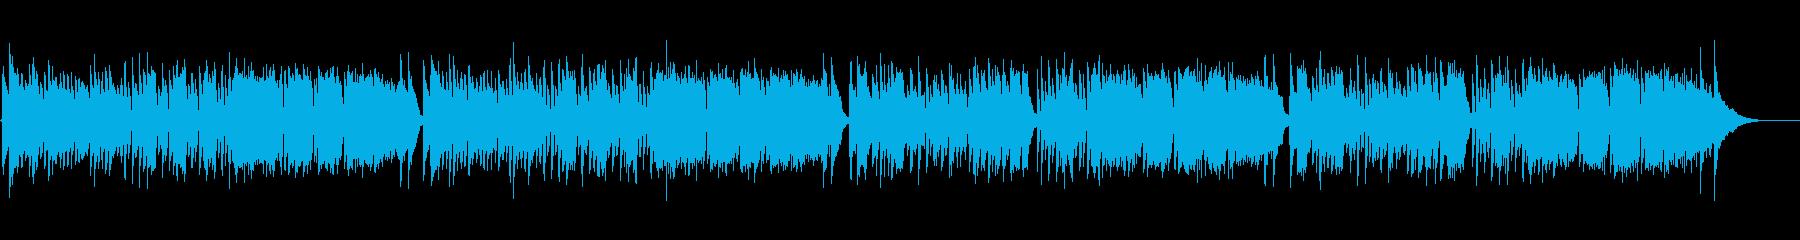 チェンバロソナタ K11 スカルラッティの再生済みの波形